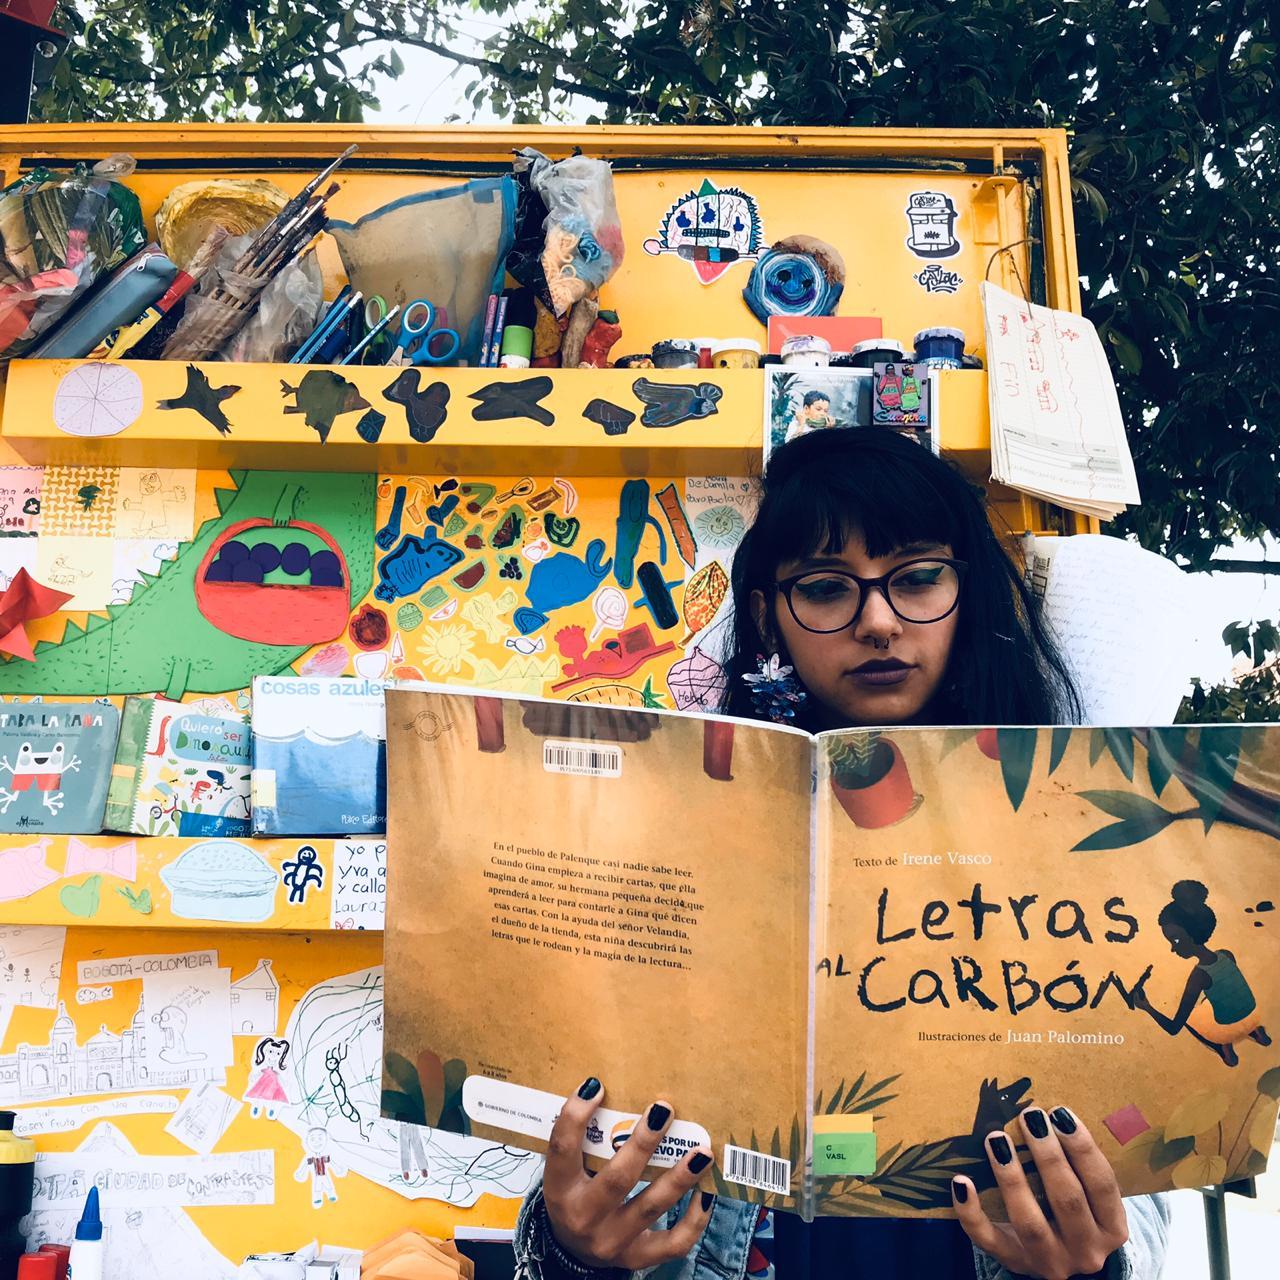 Avatar creador Lopez Suarez, Paola Alejandra